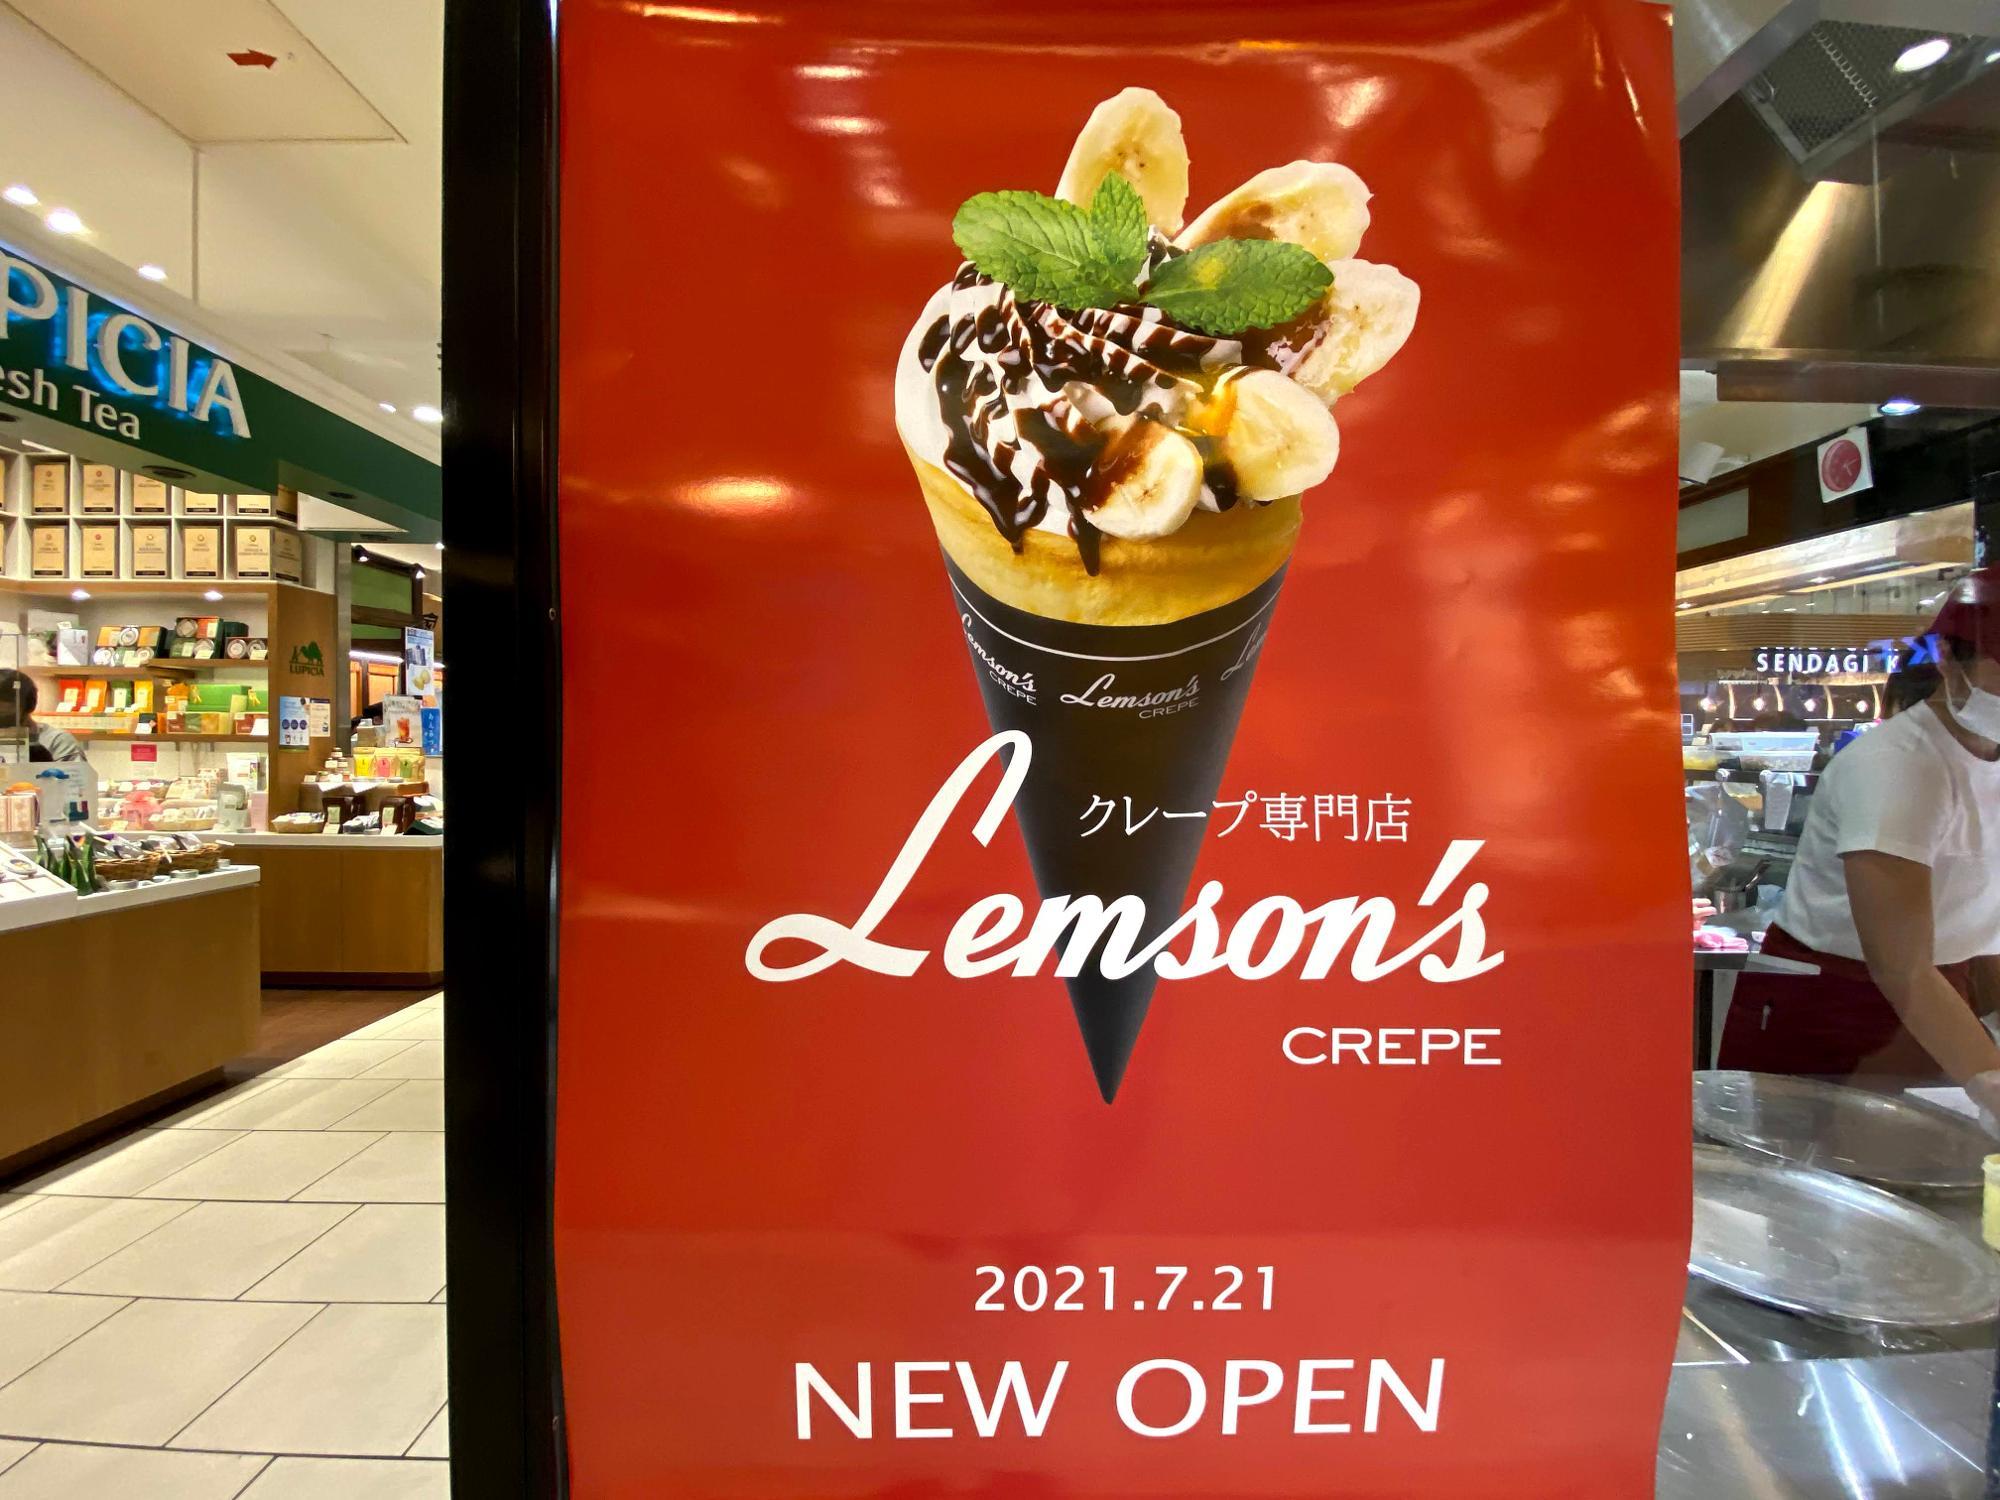 2021年7月21日オープン「Lemson's CREPE(レムソンズクレープ)」